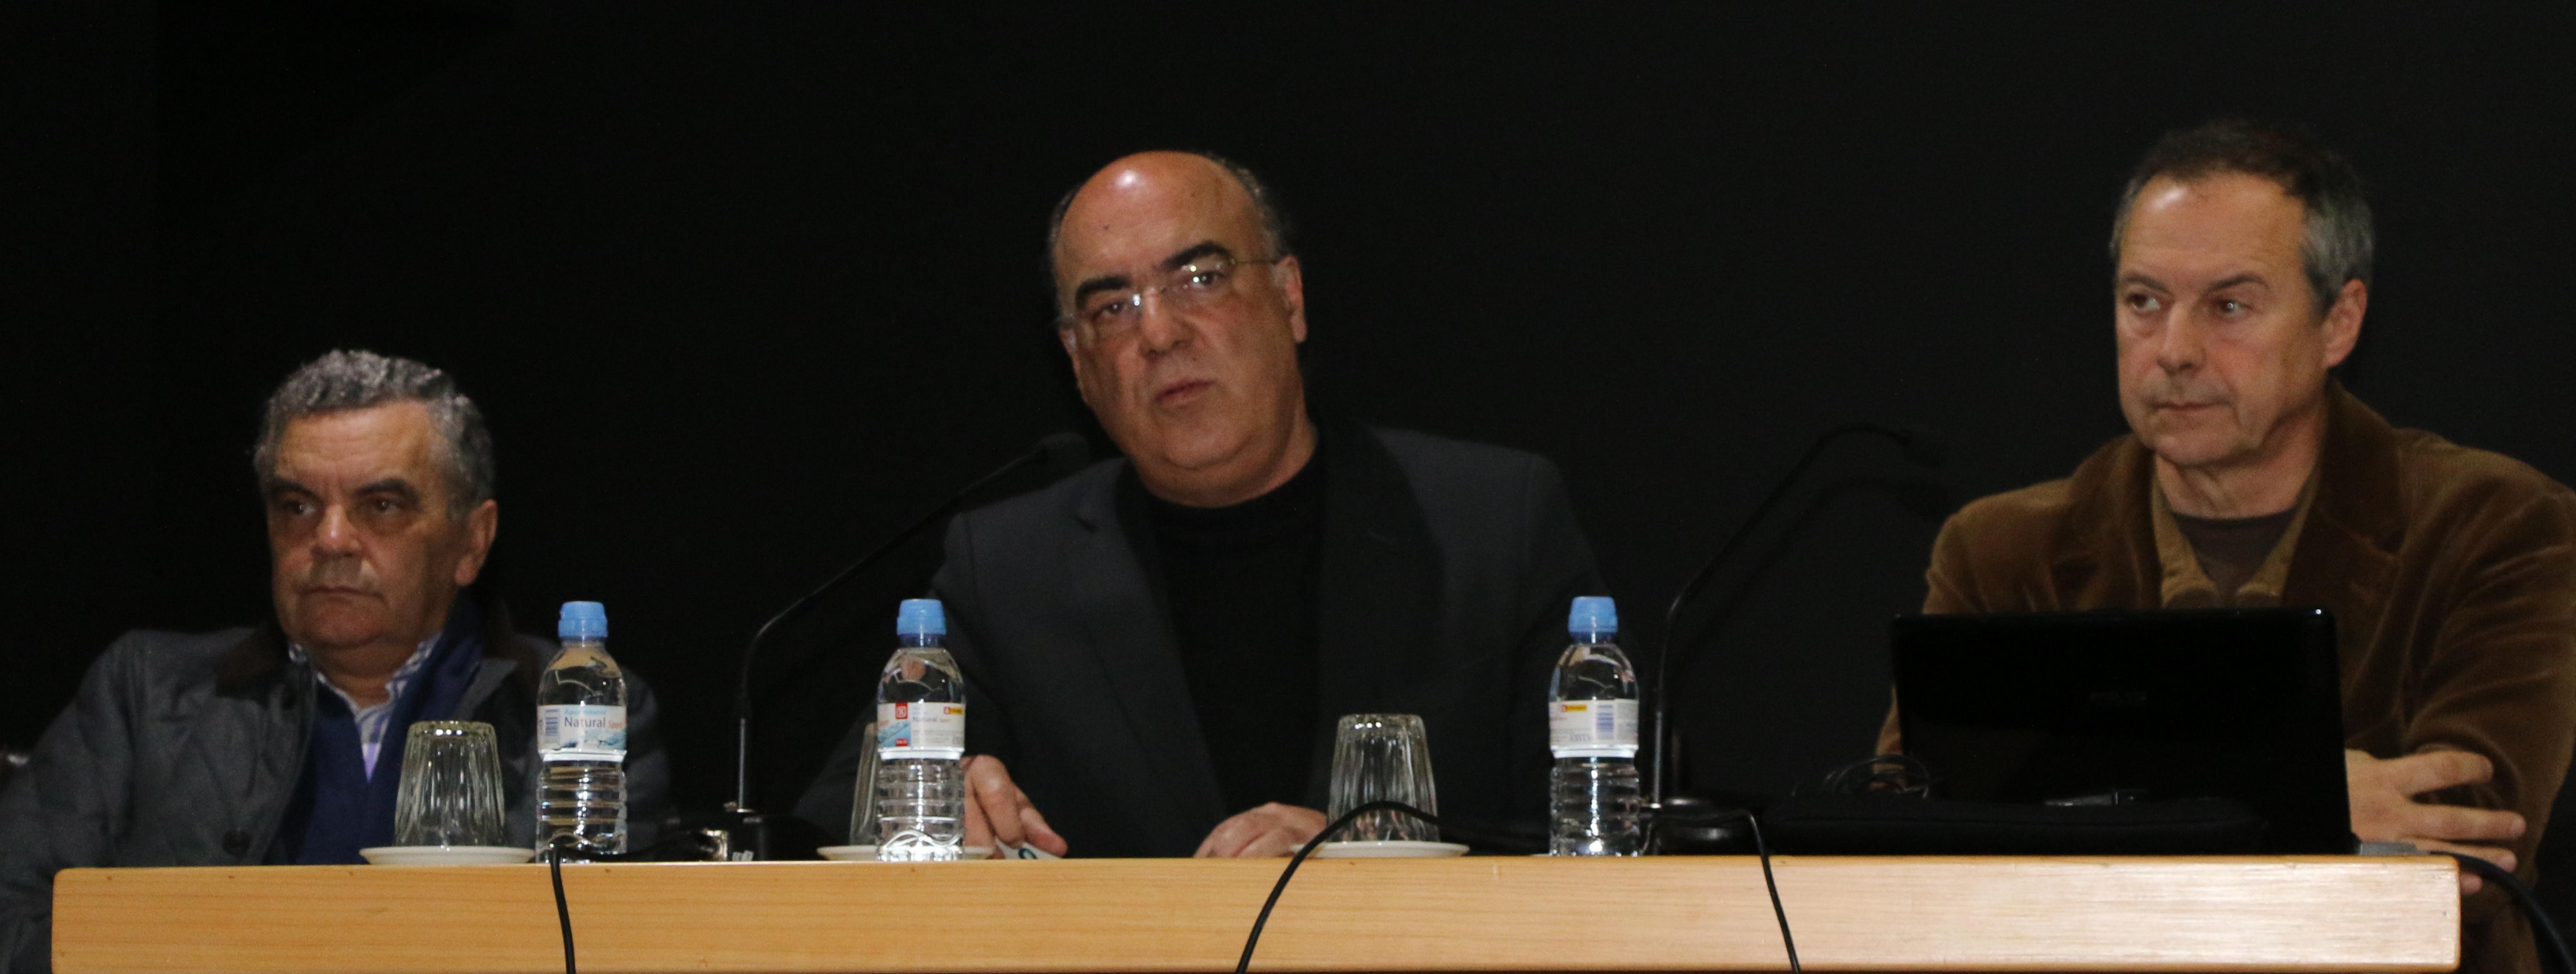 Sessões públicas esclareceram os cidadãos sobre revisão do PDM